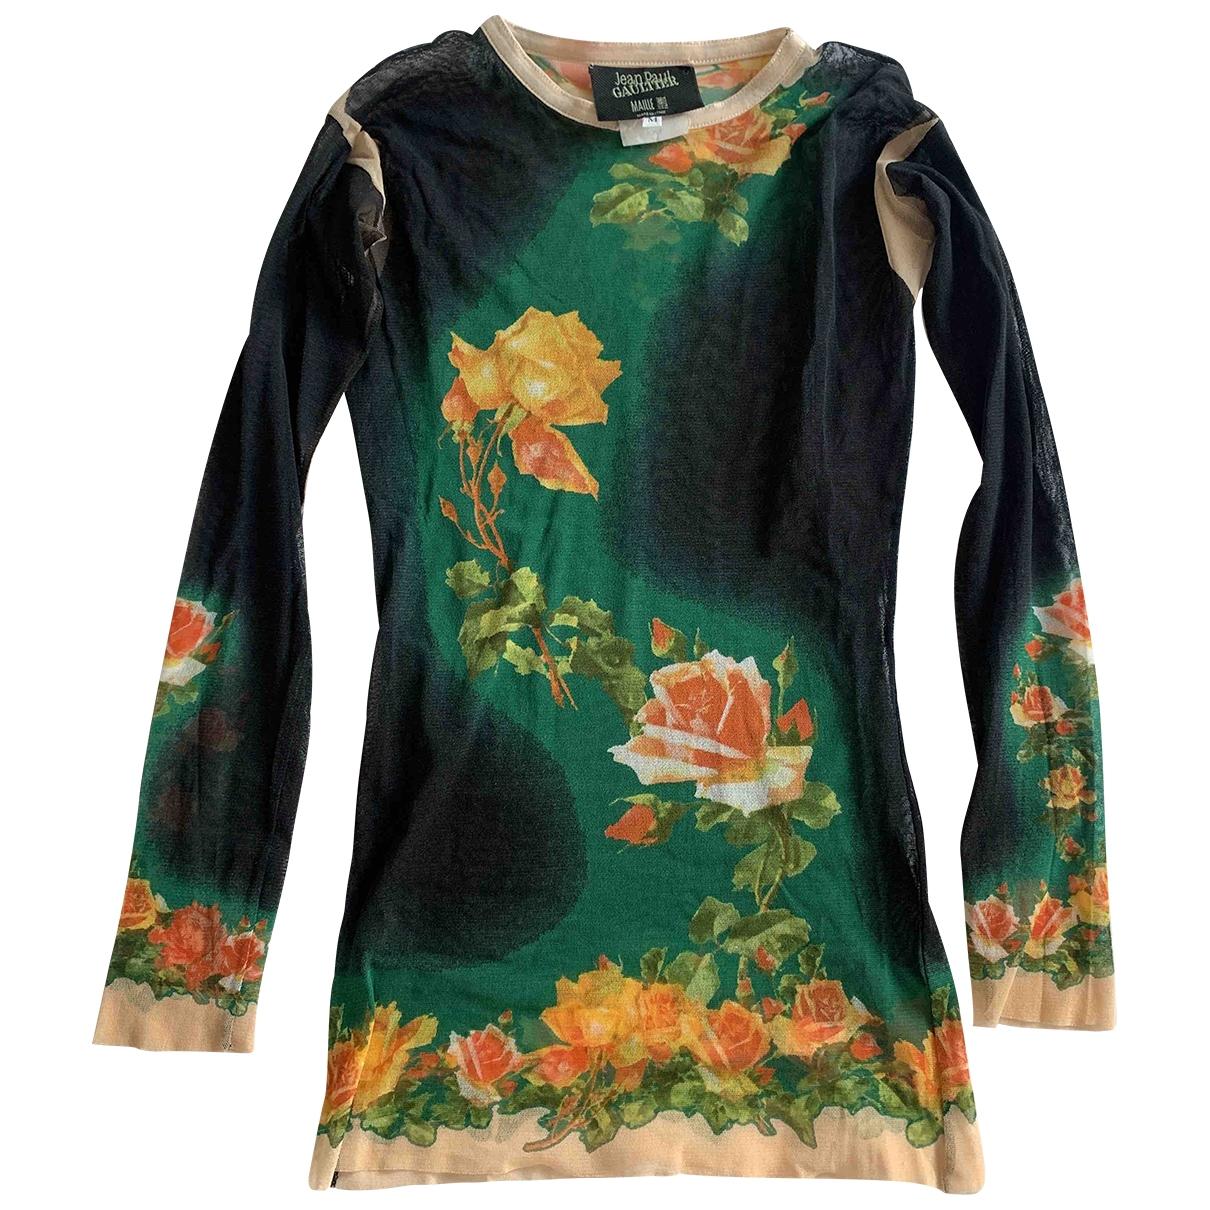 Jean Paul Gaultier - Combinaison   pour femme en soie - multicolore